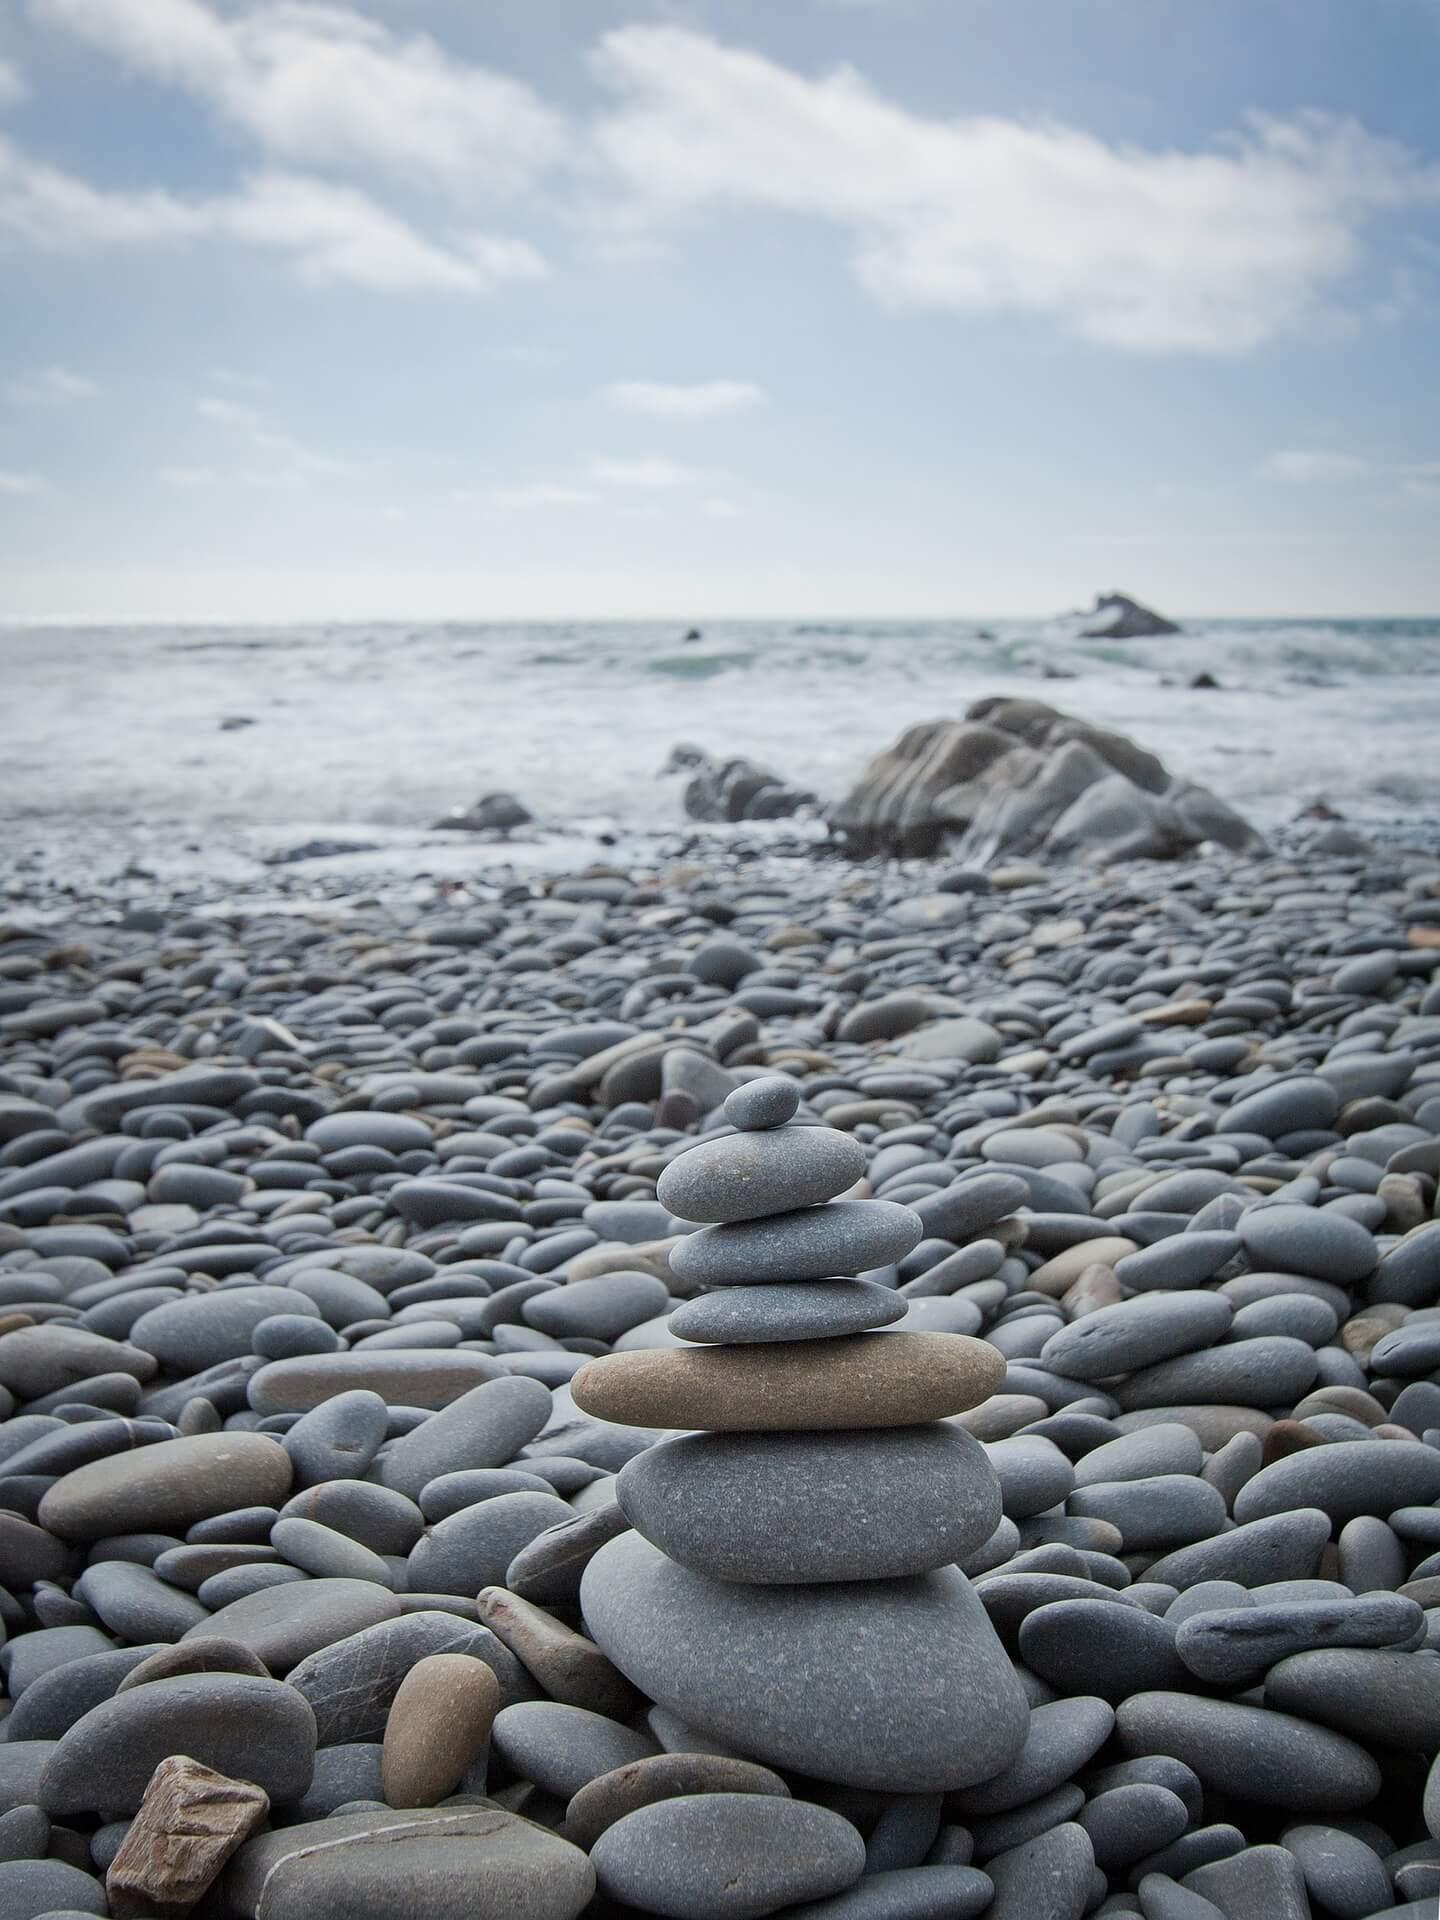 stones-650093_1920 (1)